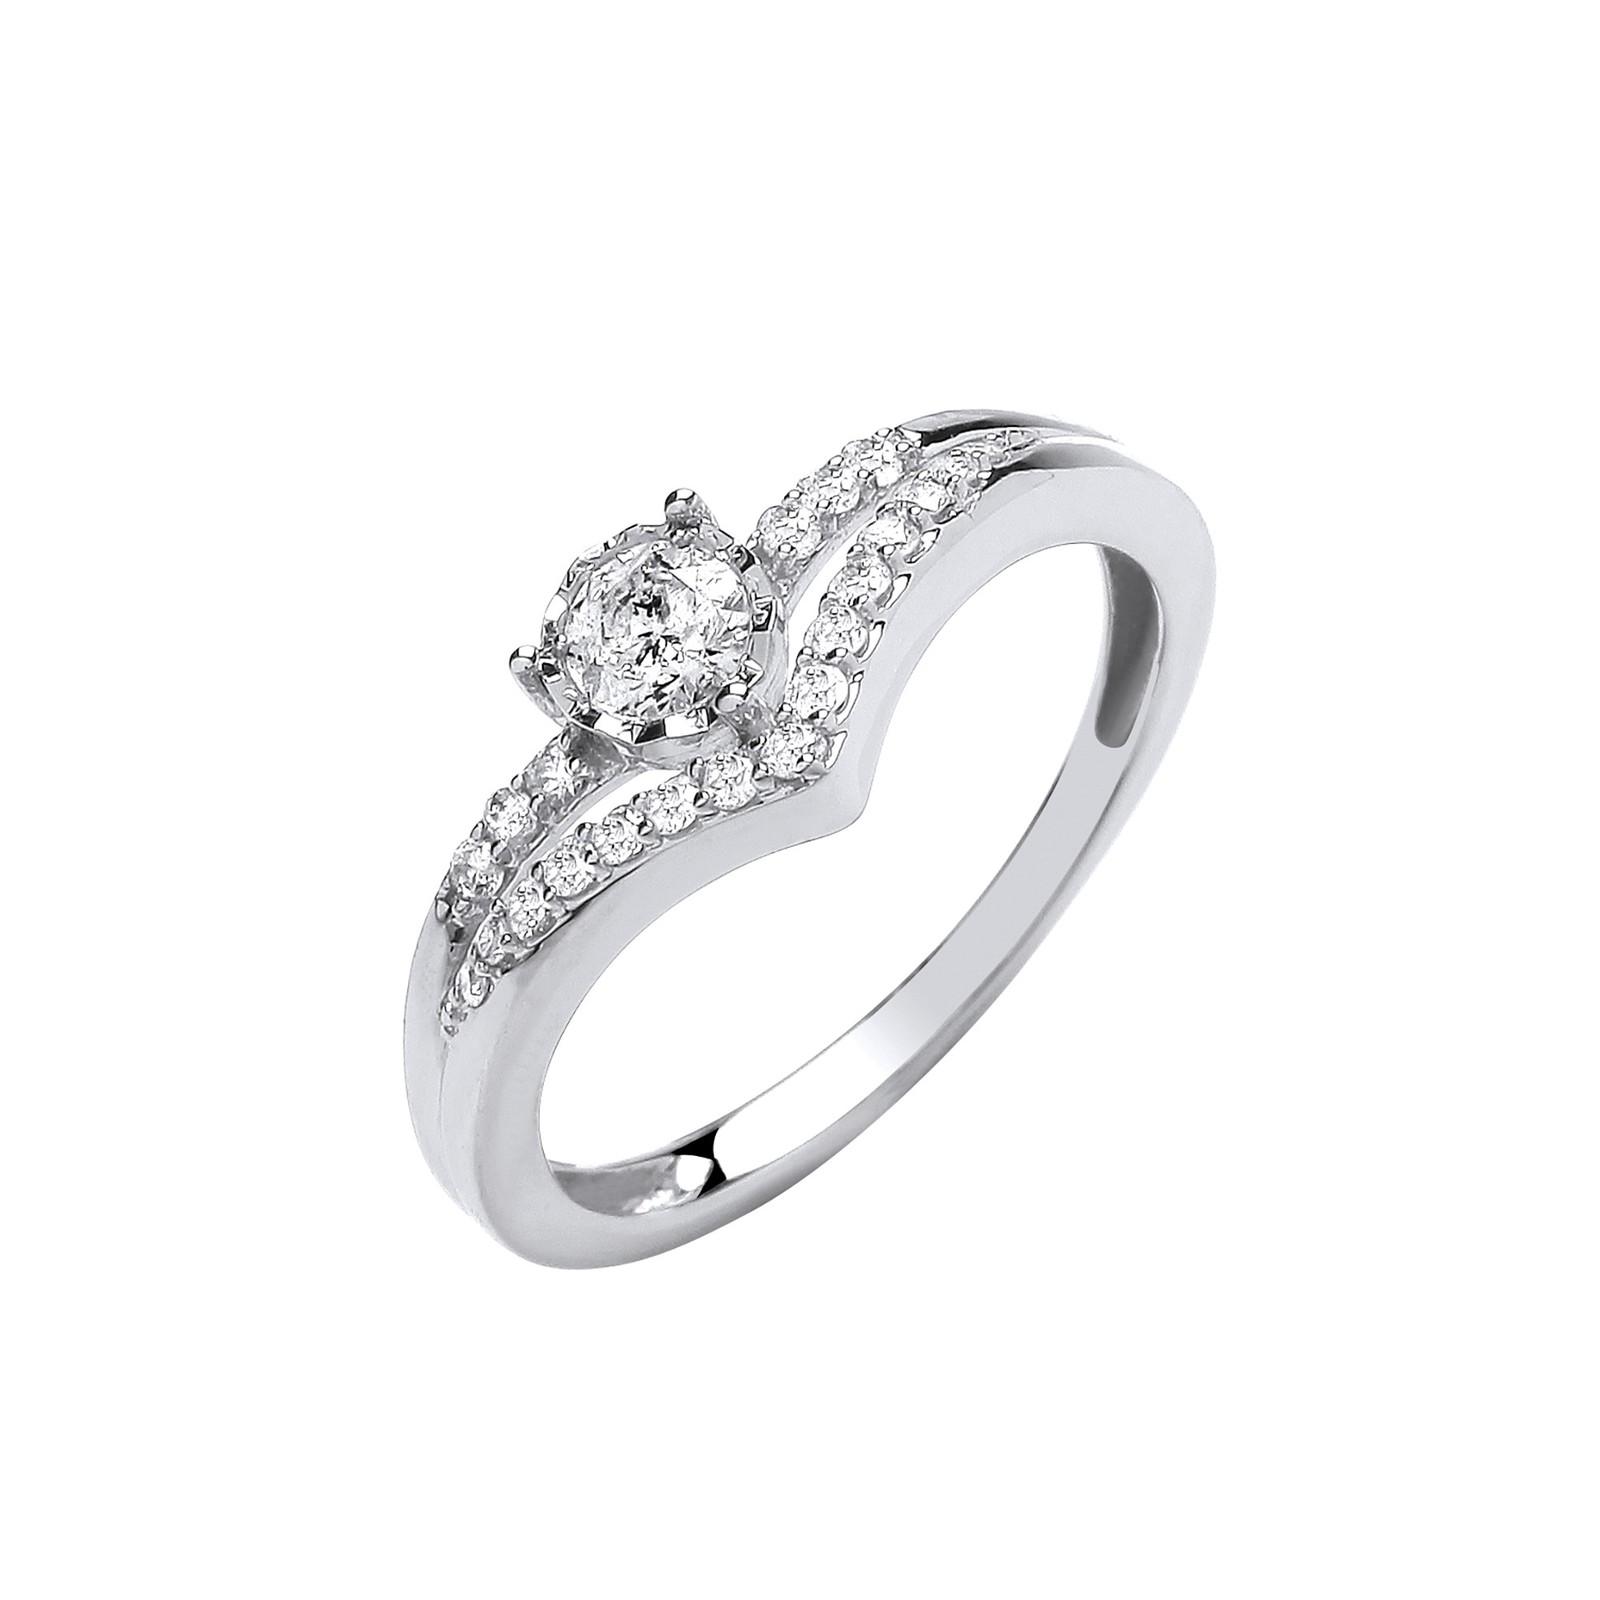 9ct White gold 0.33st Split shank engagement ring